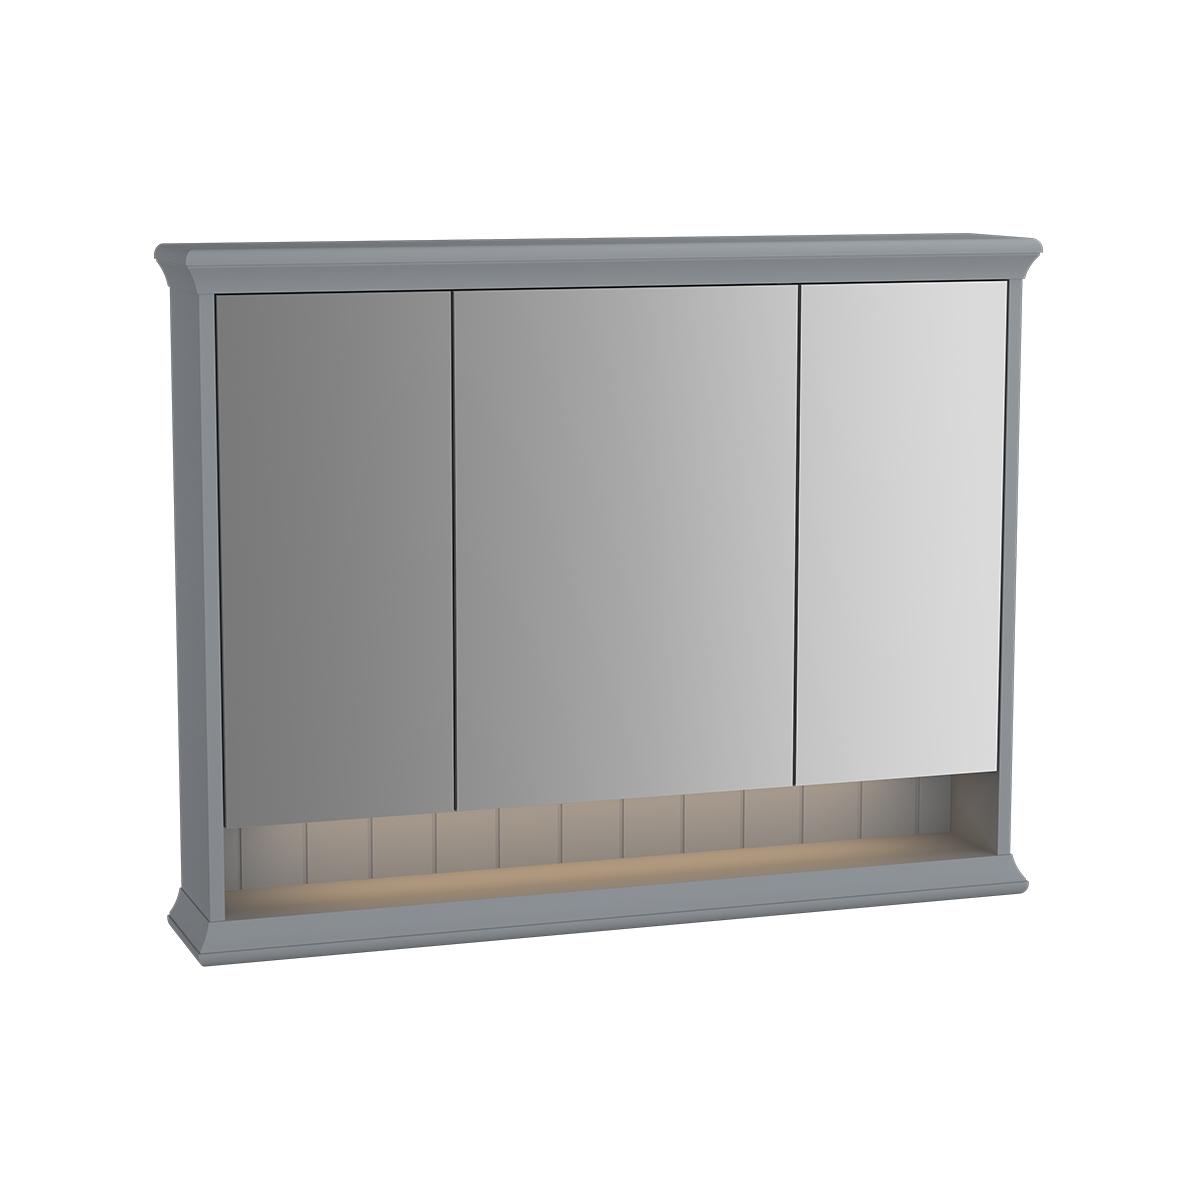 Valarte armoire de toilette, 100 cm, gris mat